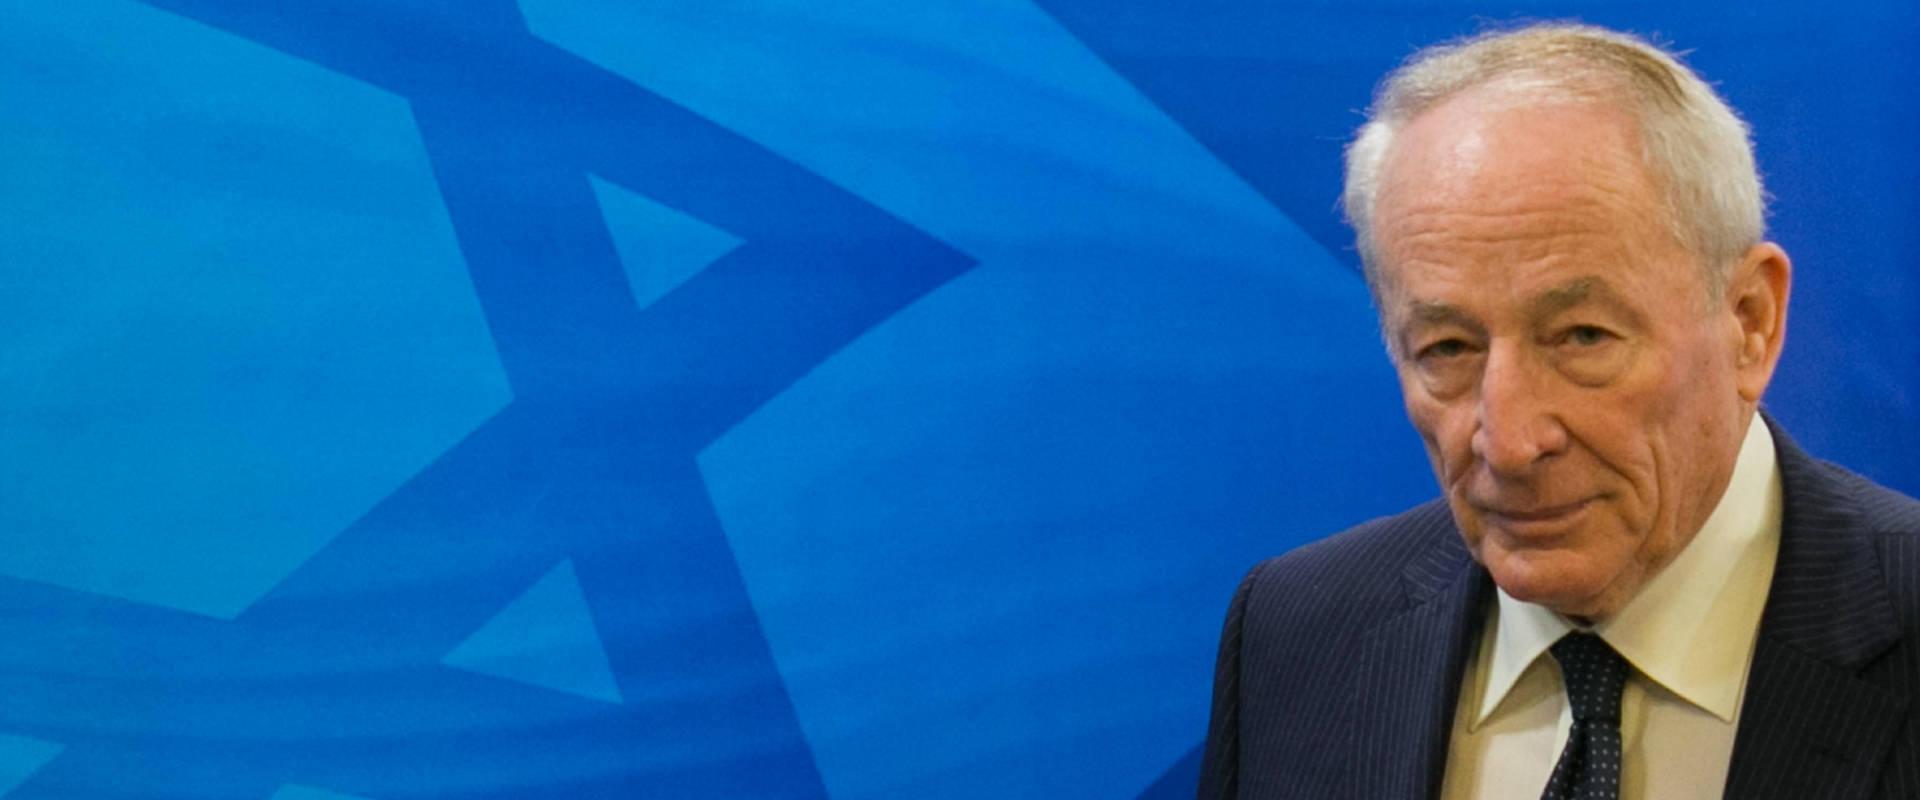 יהודה וינשטיין ב-2014